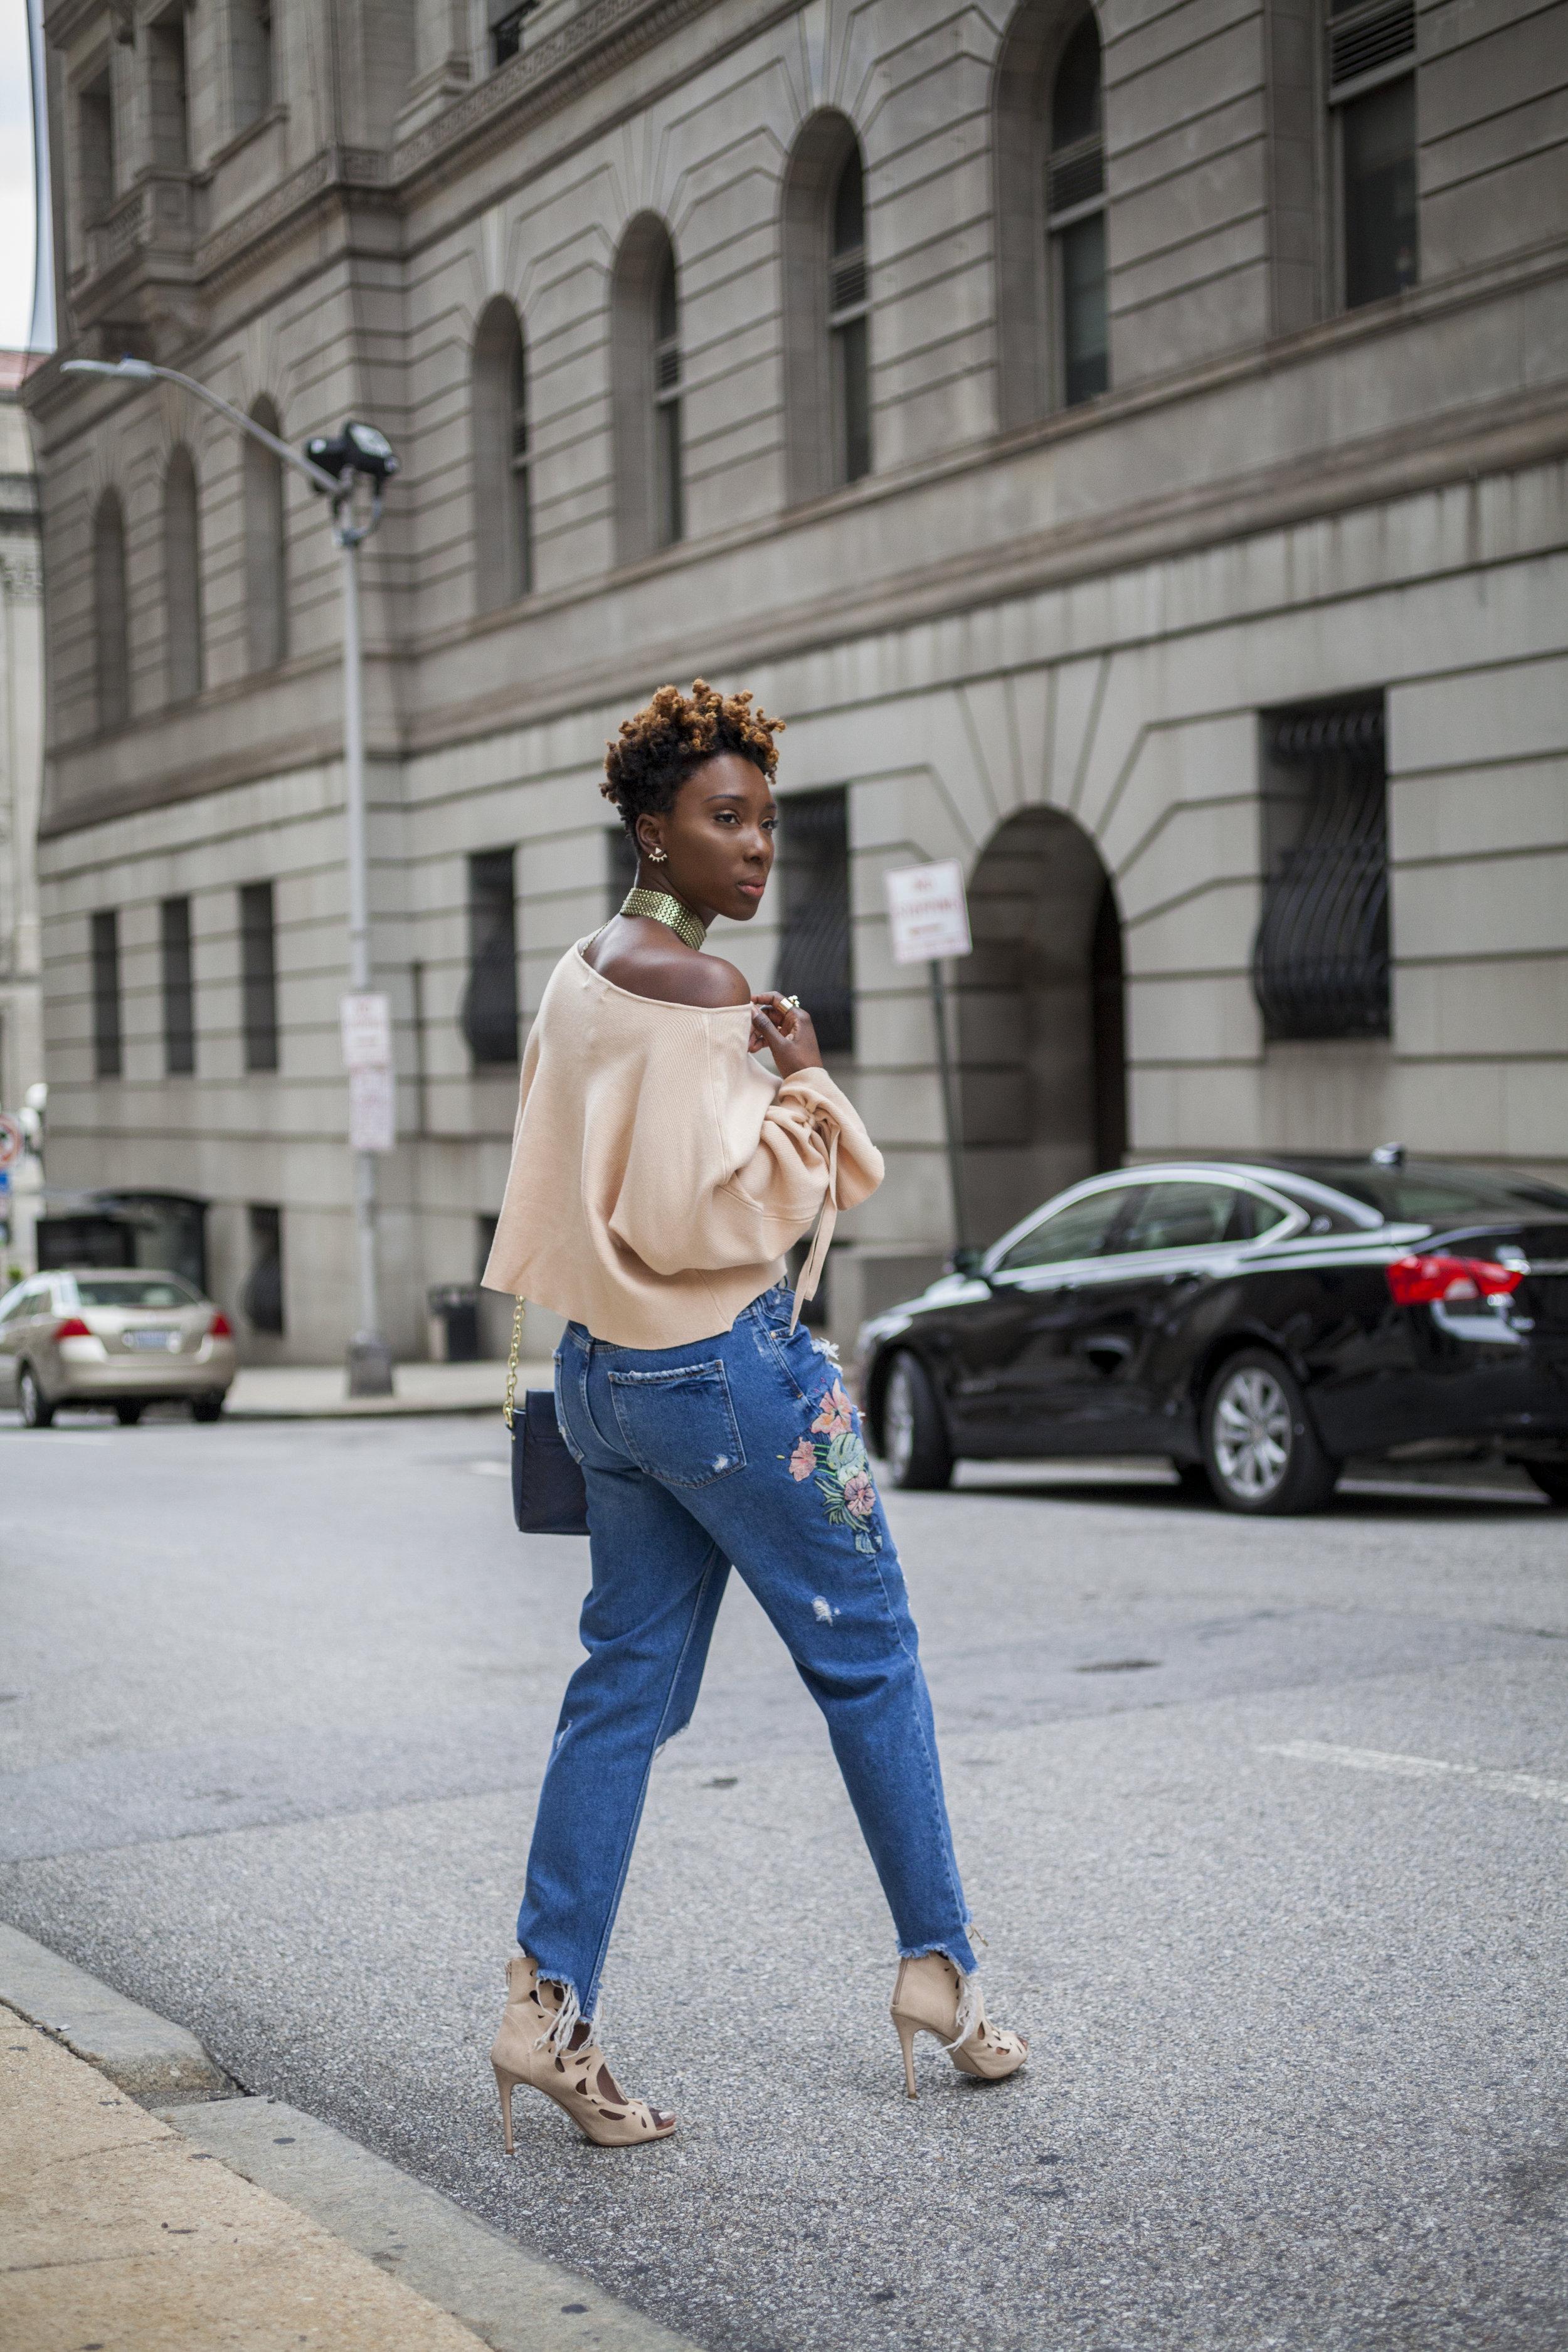 Dayna-Bolden-zara-off-the-shoulder-top-detail-sleeves-zara-patched-denim-jeans-5.jpg